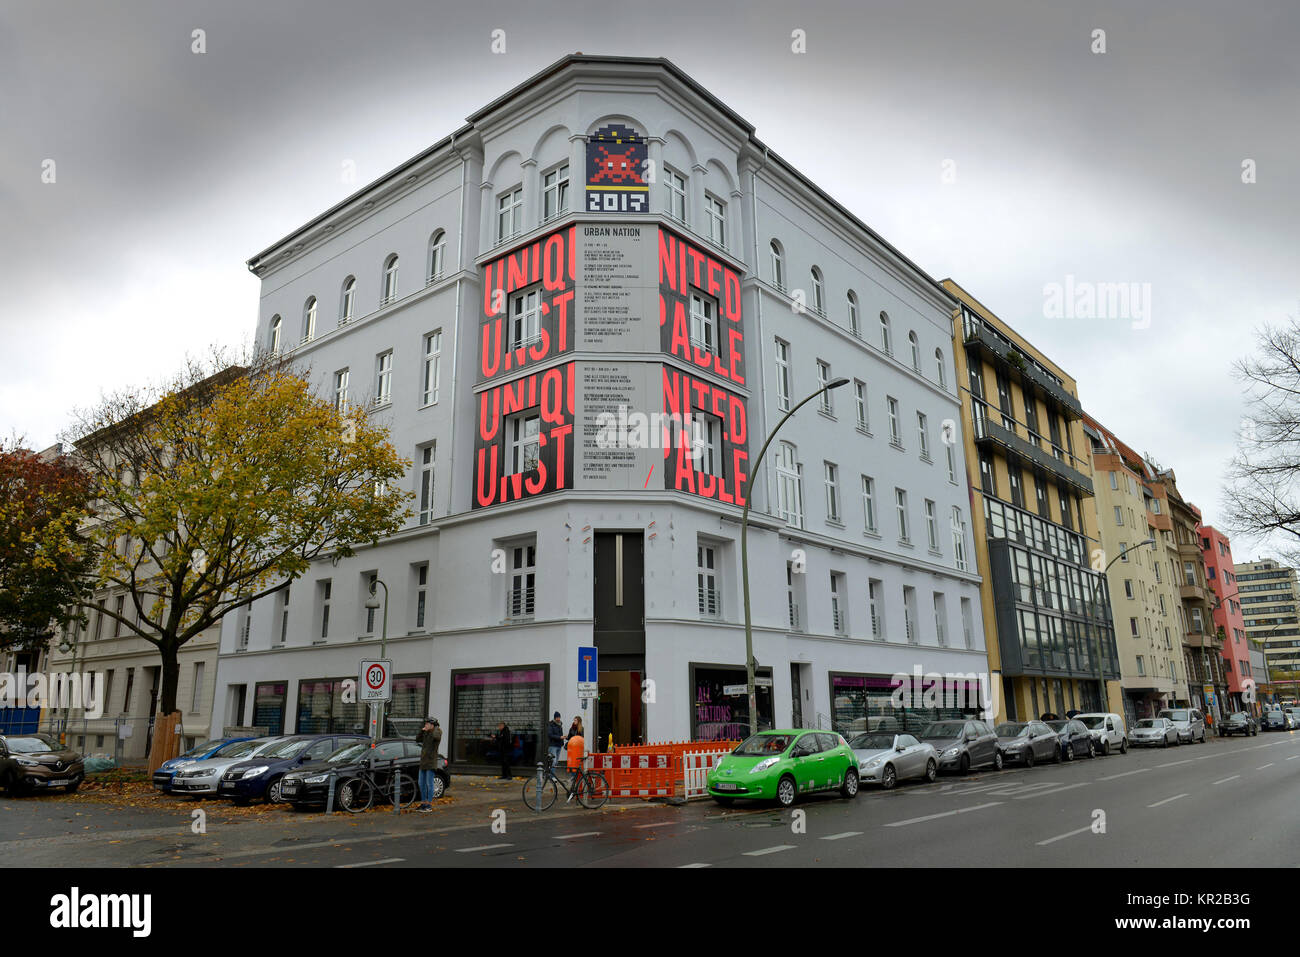 Urbane nation Museum, B? lowstrasse, Schönheit, Berg, Berlin, Deutschland, städtische Nation Museum, Buelowstrasse, Stockbild